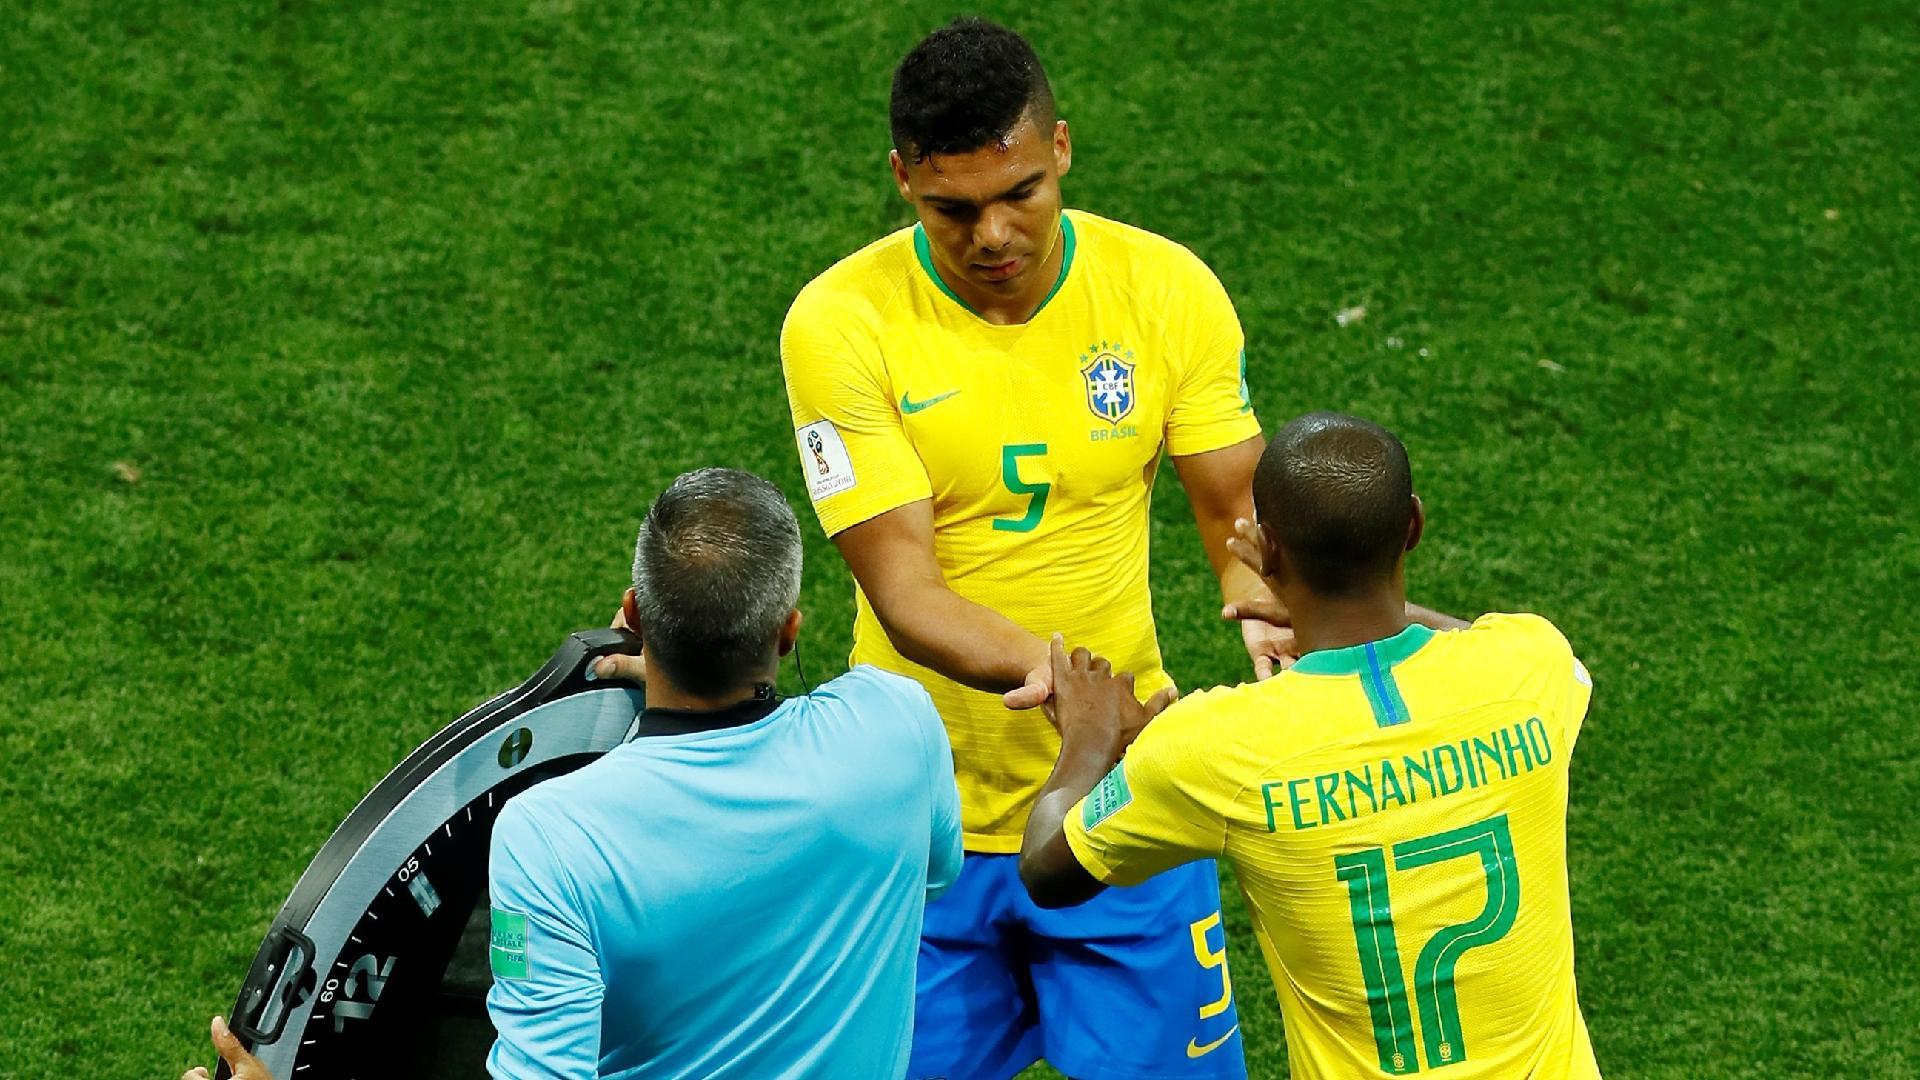 Fernandinho substitui Casemiro na estreia da seleção brasileira na Copa, contra a Suíça